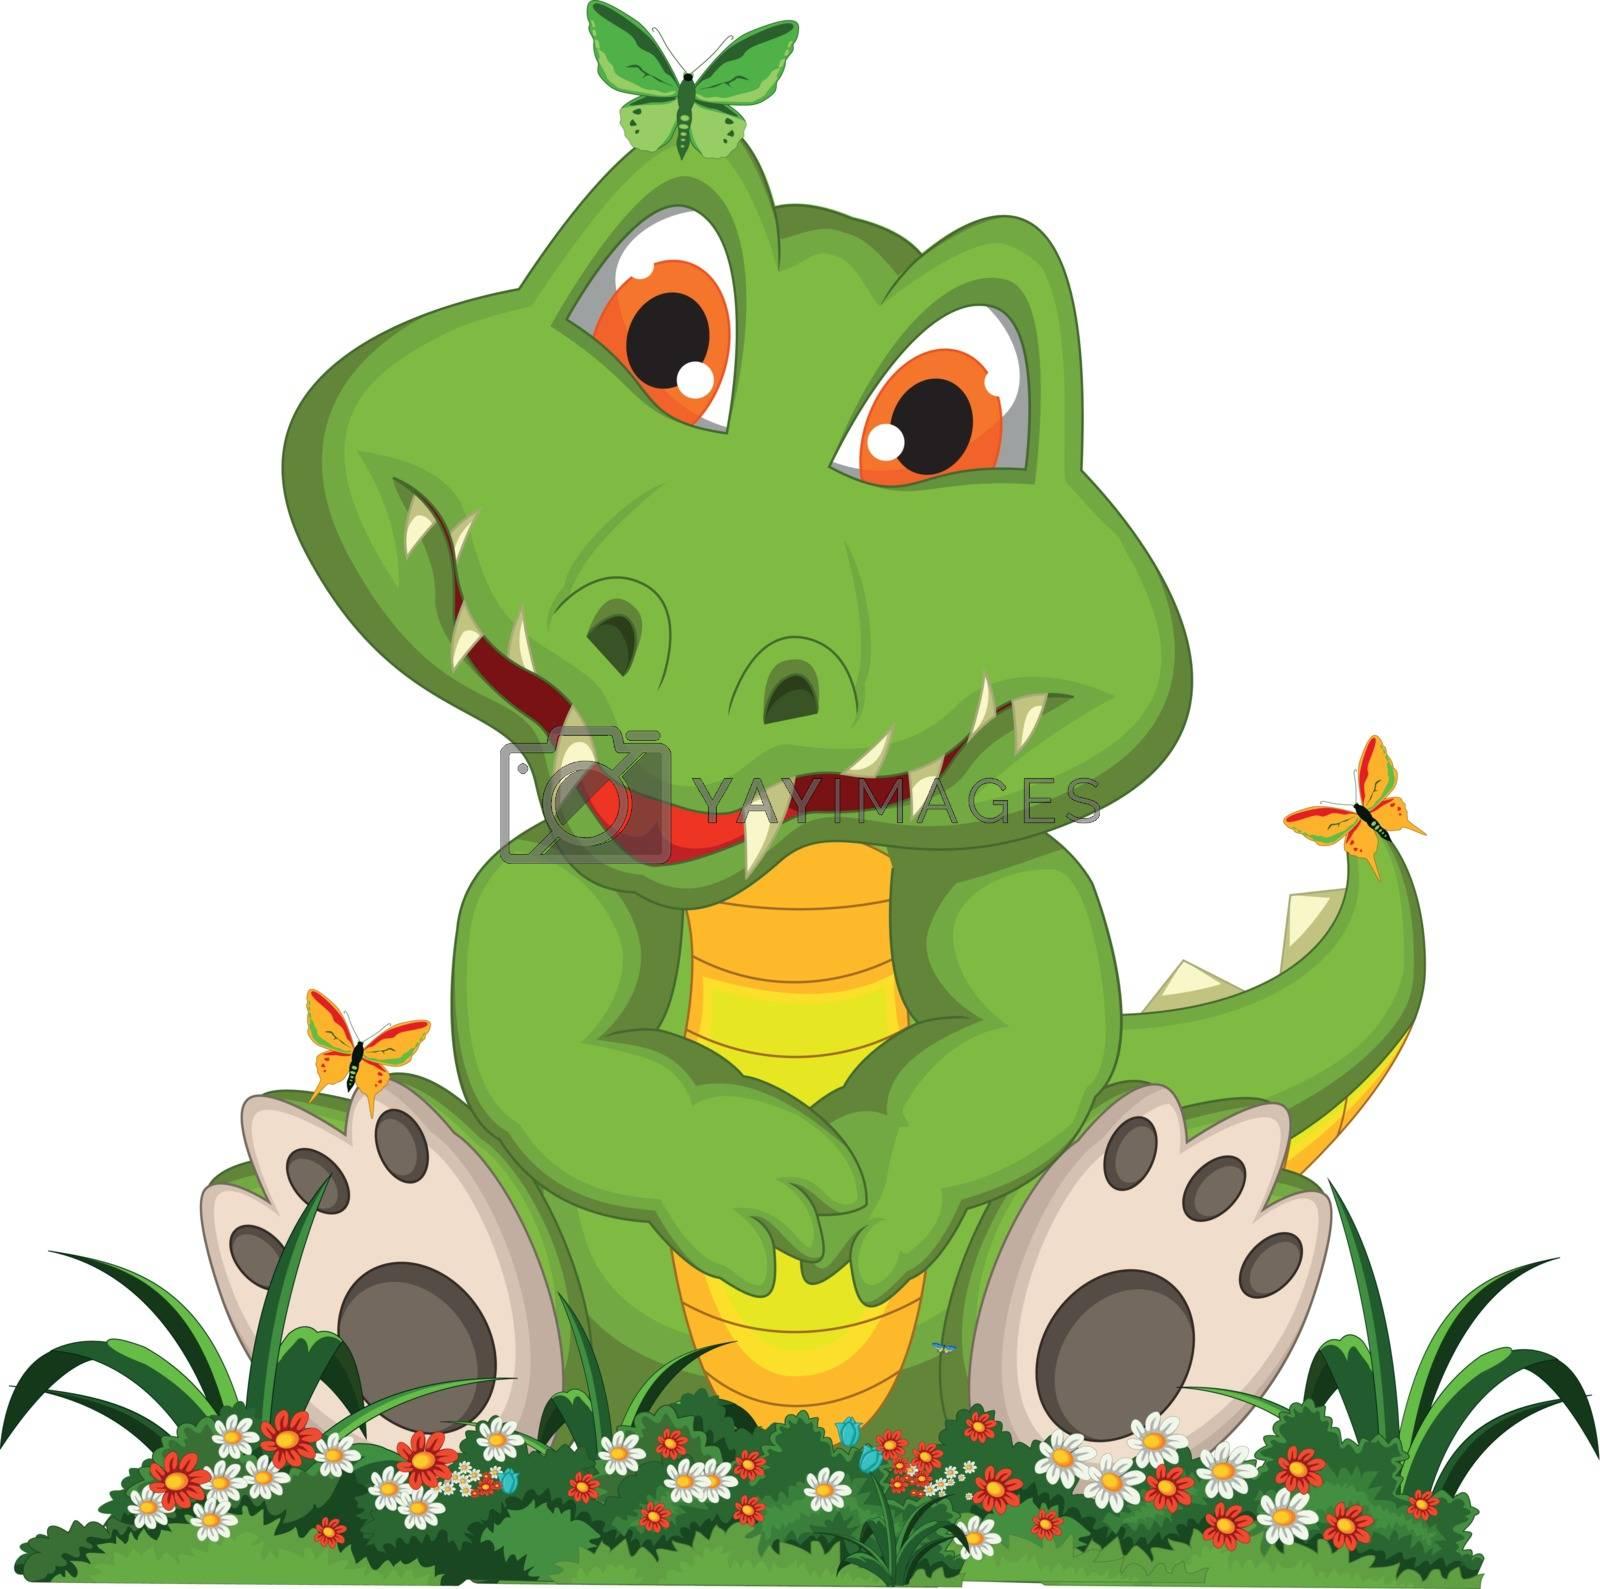 cute crocodile cartoon sitting in flower garden by sujono